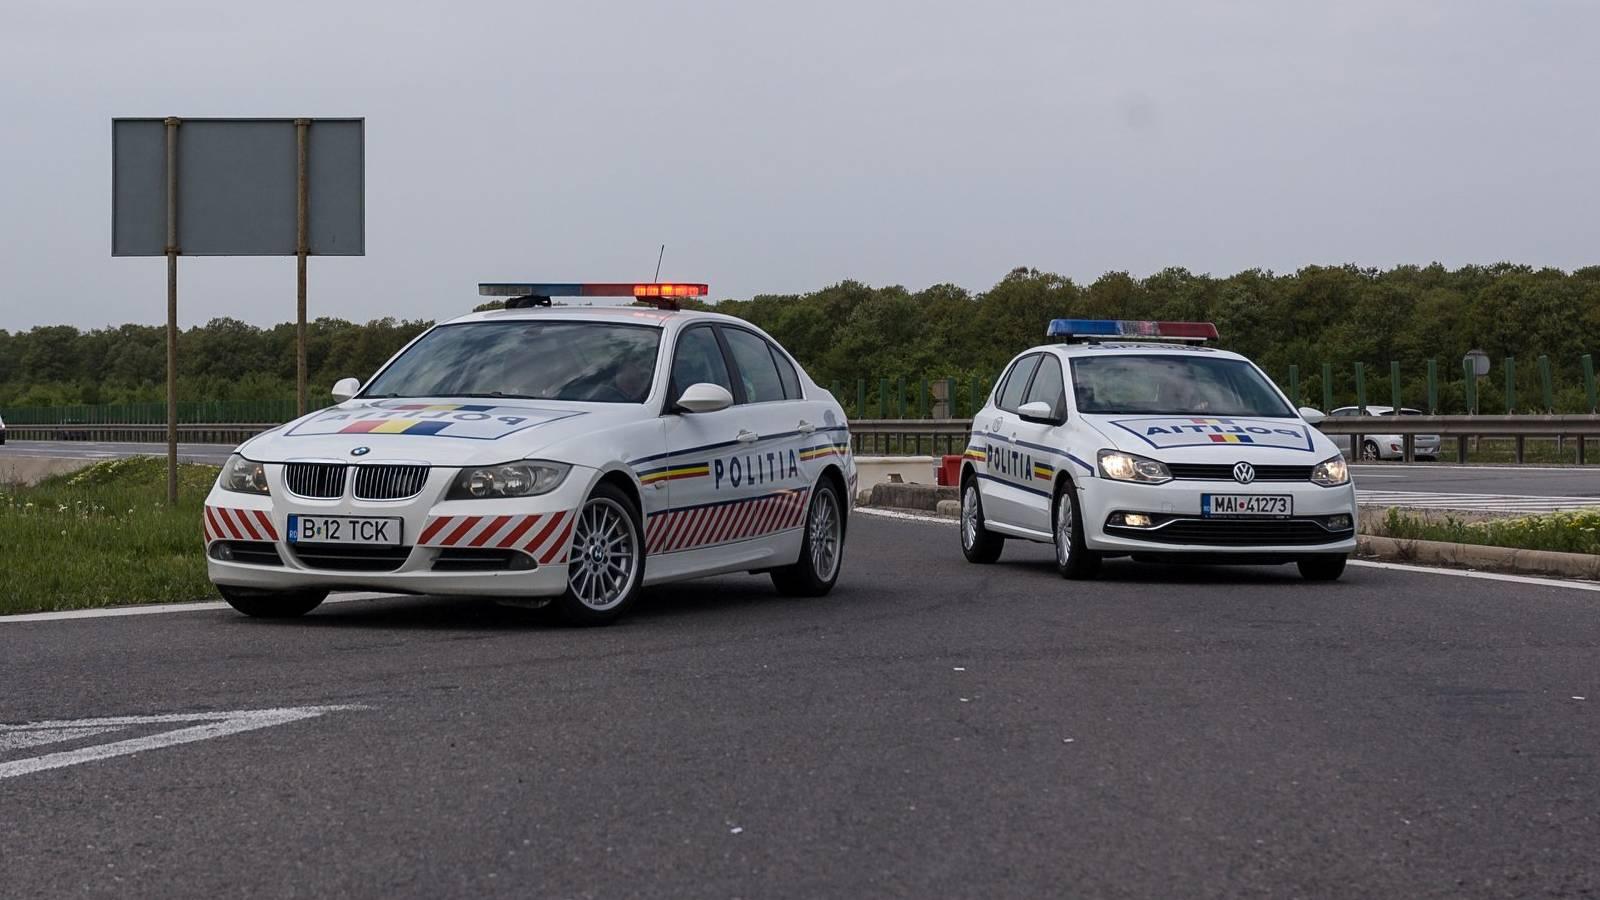 Politia Romana atentionare soferii Romania viteza